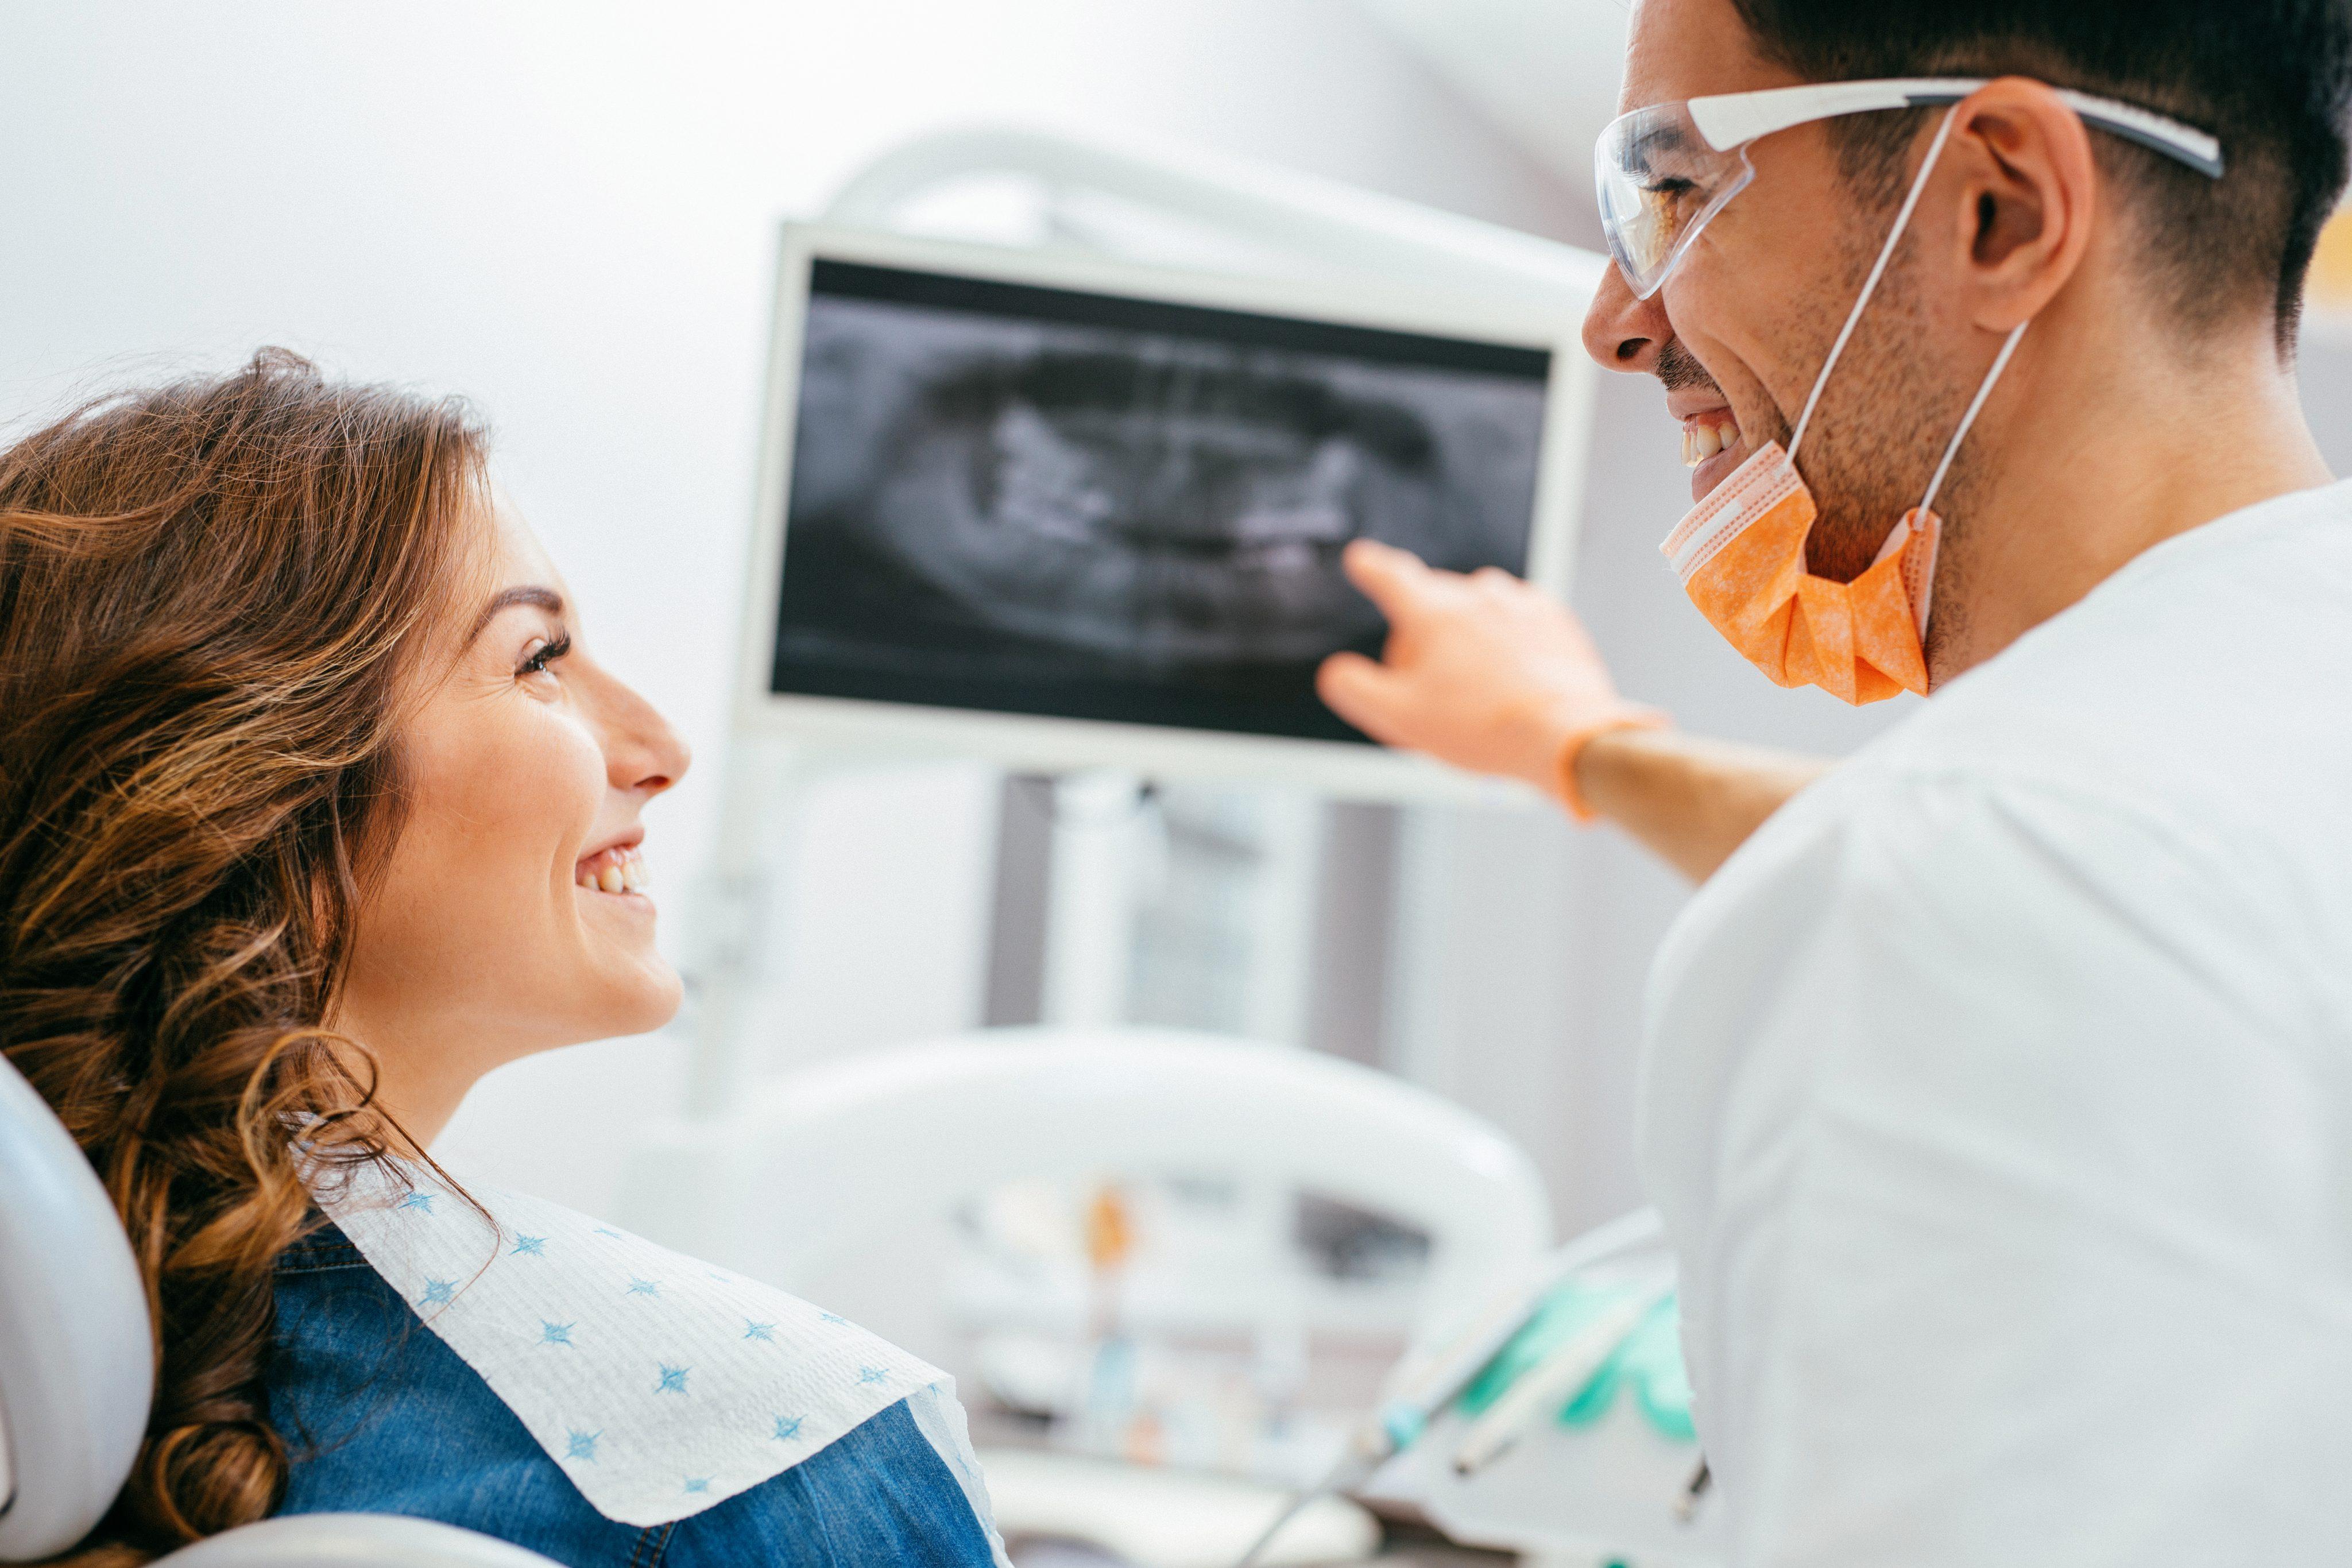 tecnico radiologista com radiografia